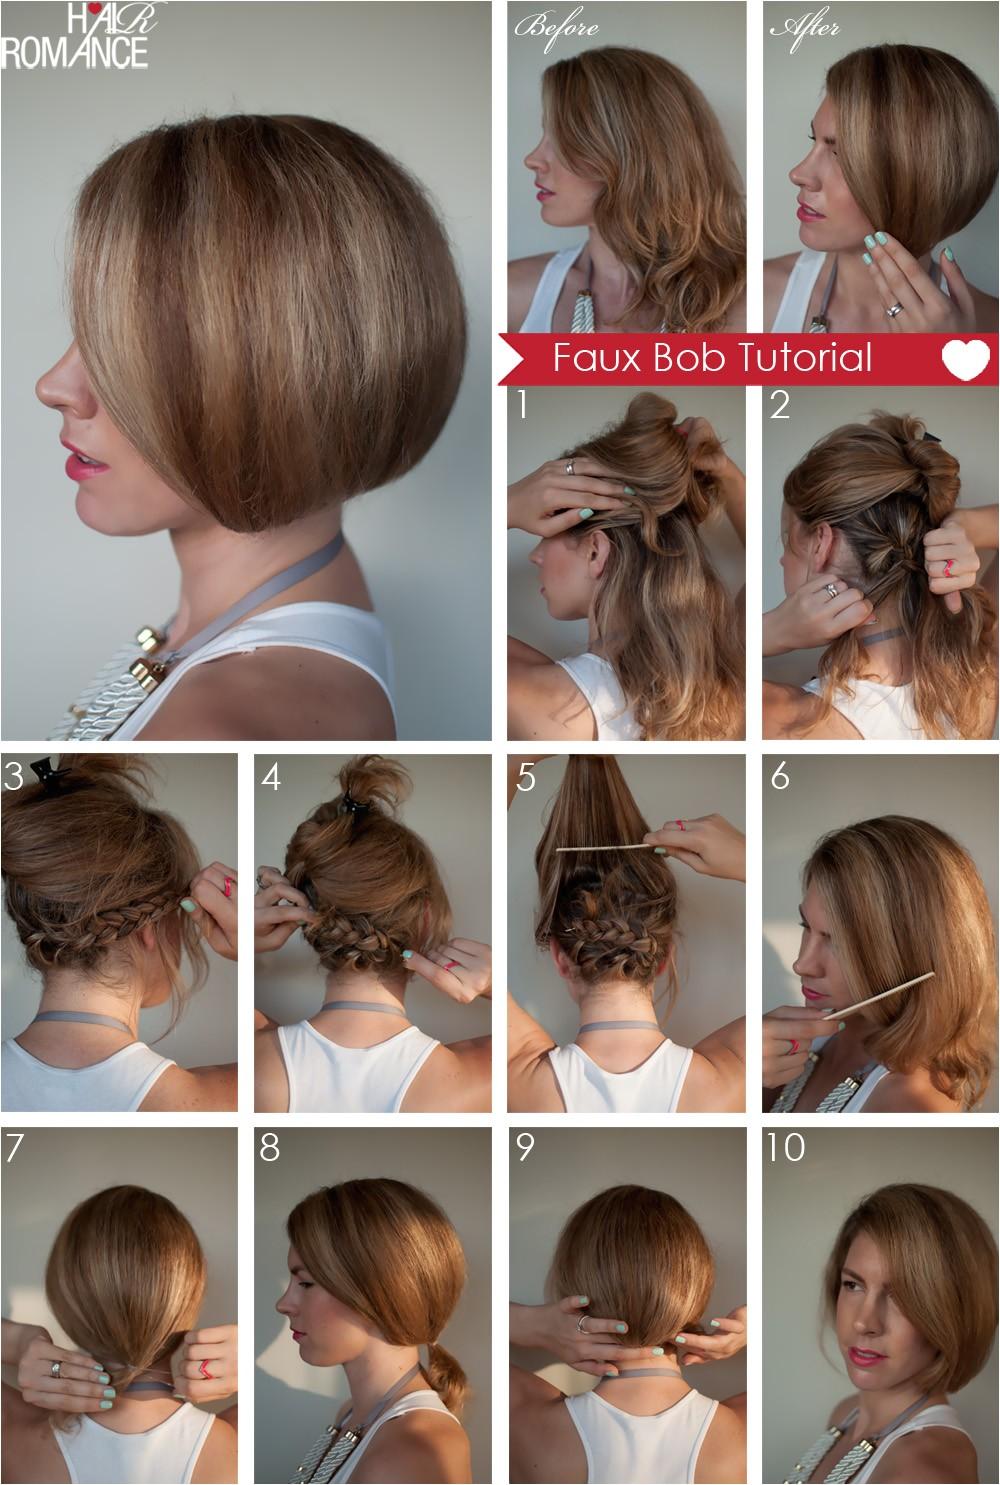 hair tutorial how to create a faux bob